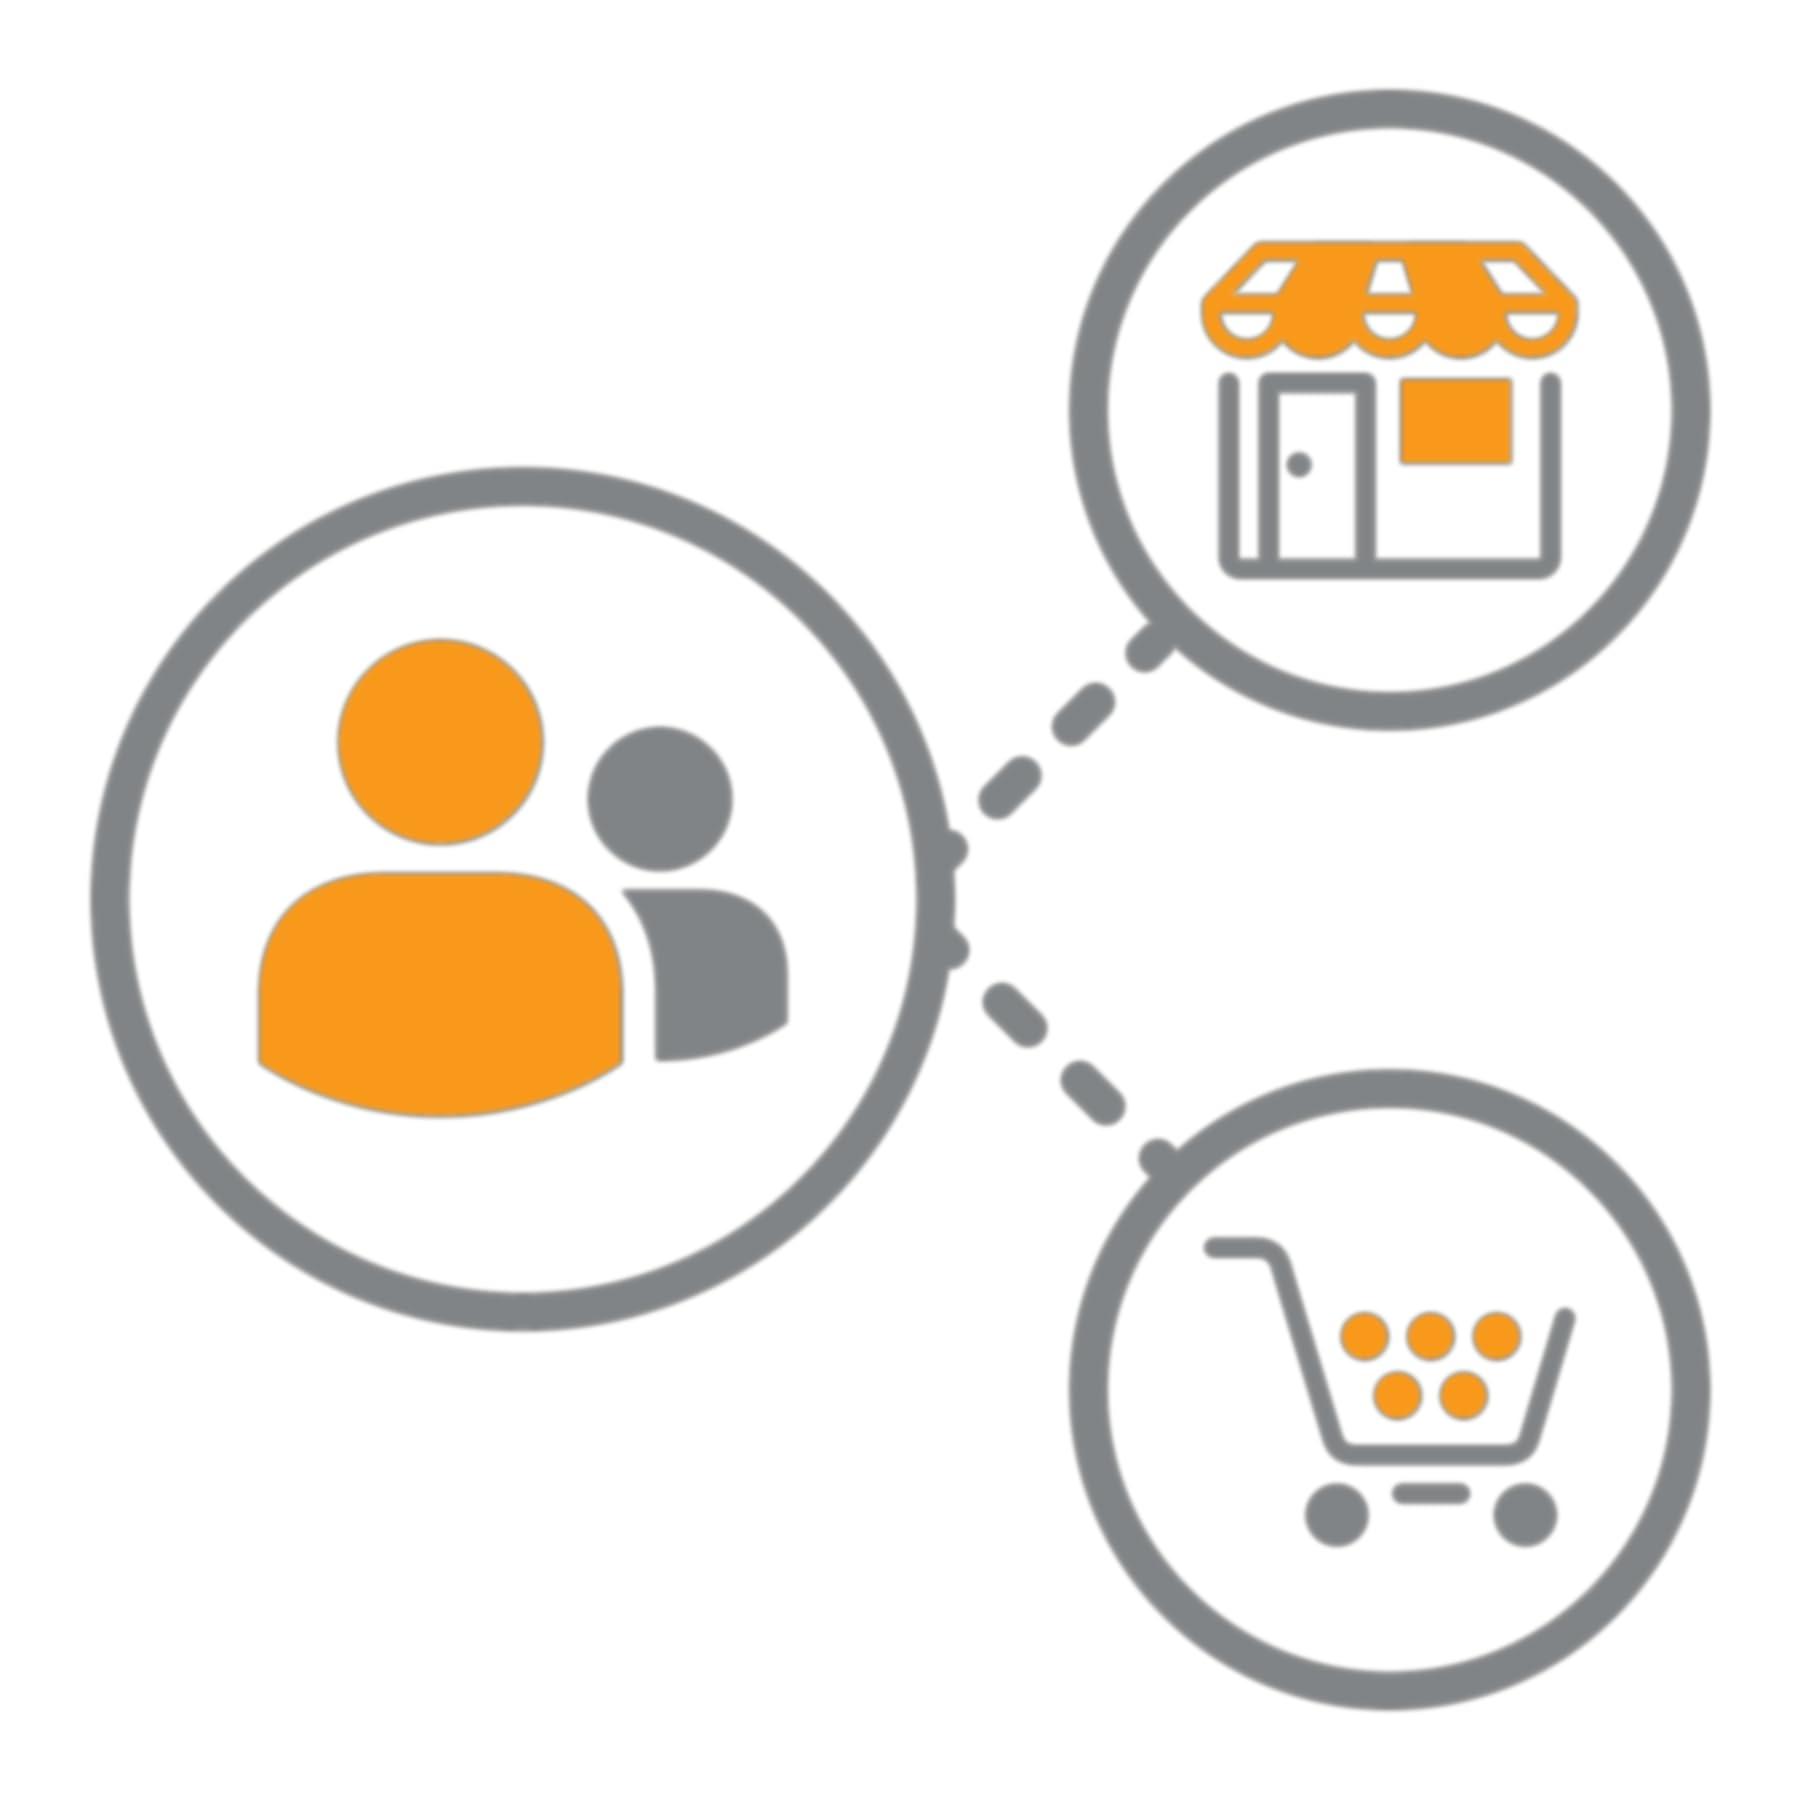 Línea punteada que conecta a los usuarios con un escaparate de tienda y cesta de compras